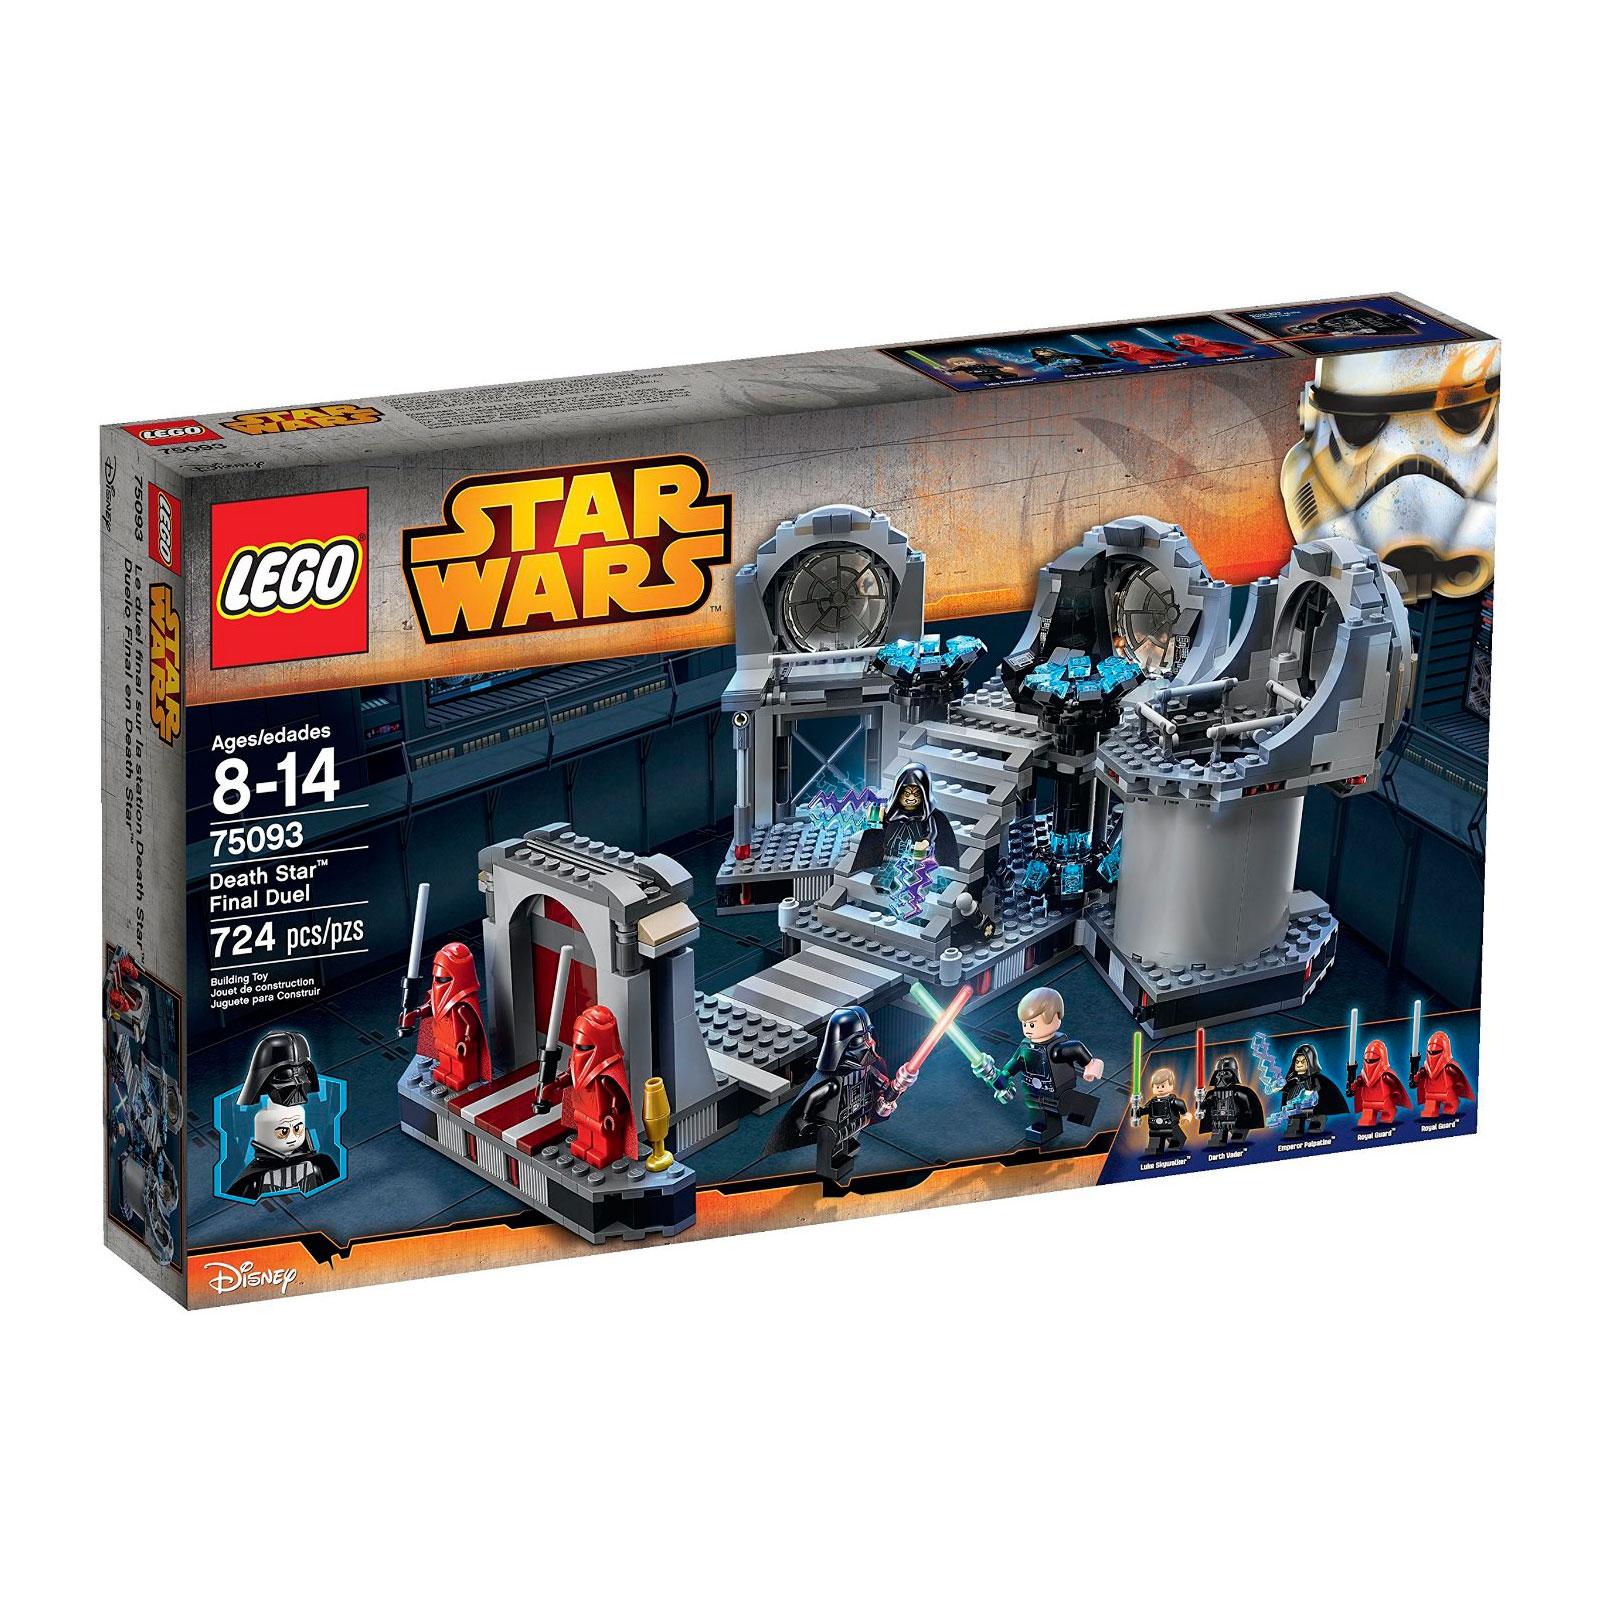 ����������� LEGO Star Wars �������� ����� ������ ������